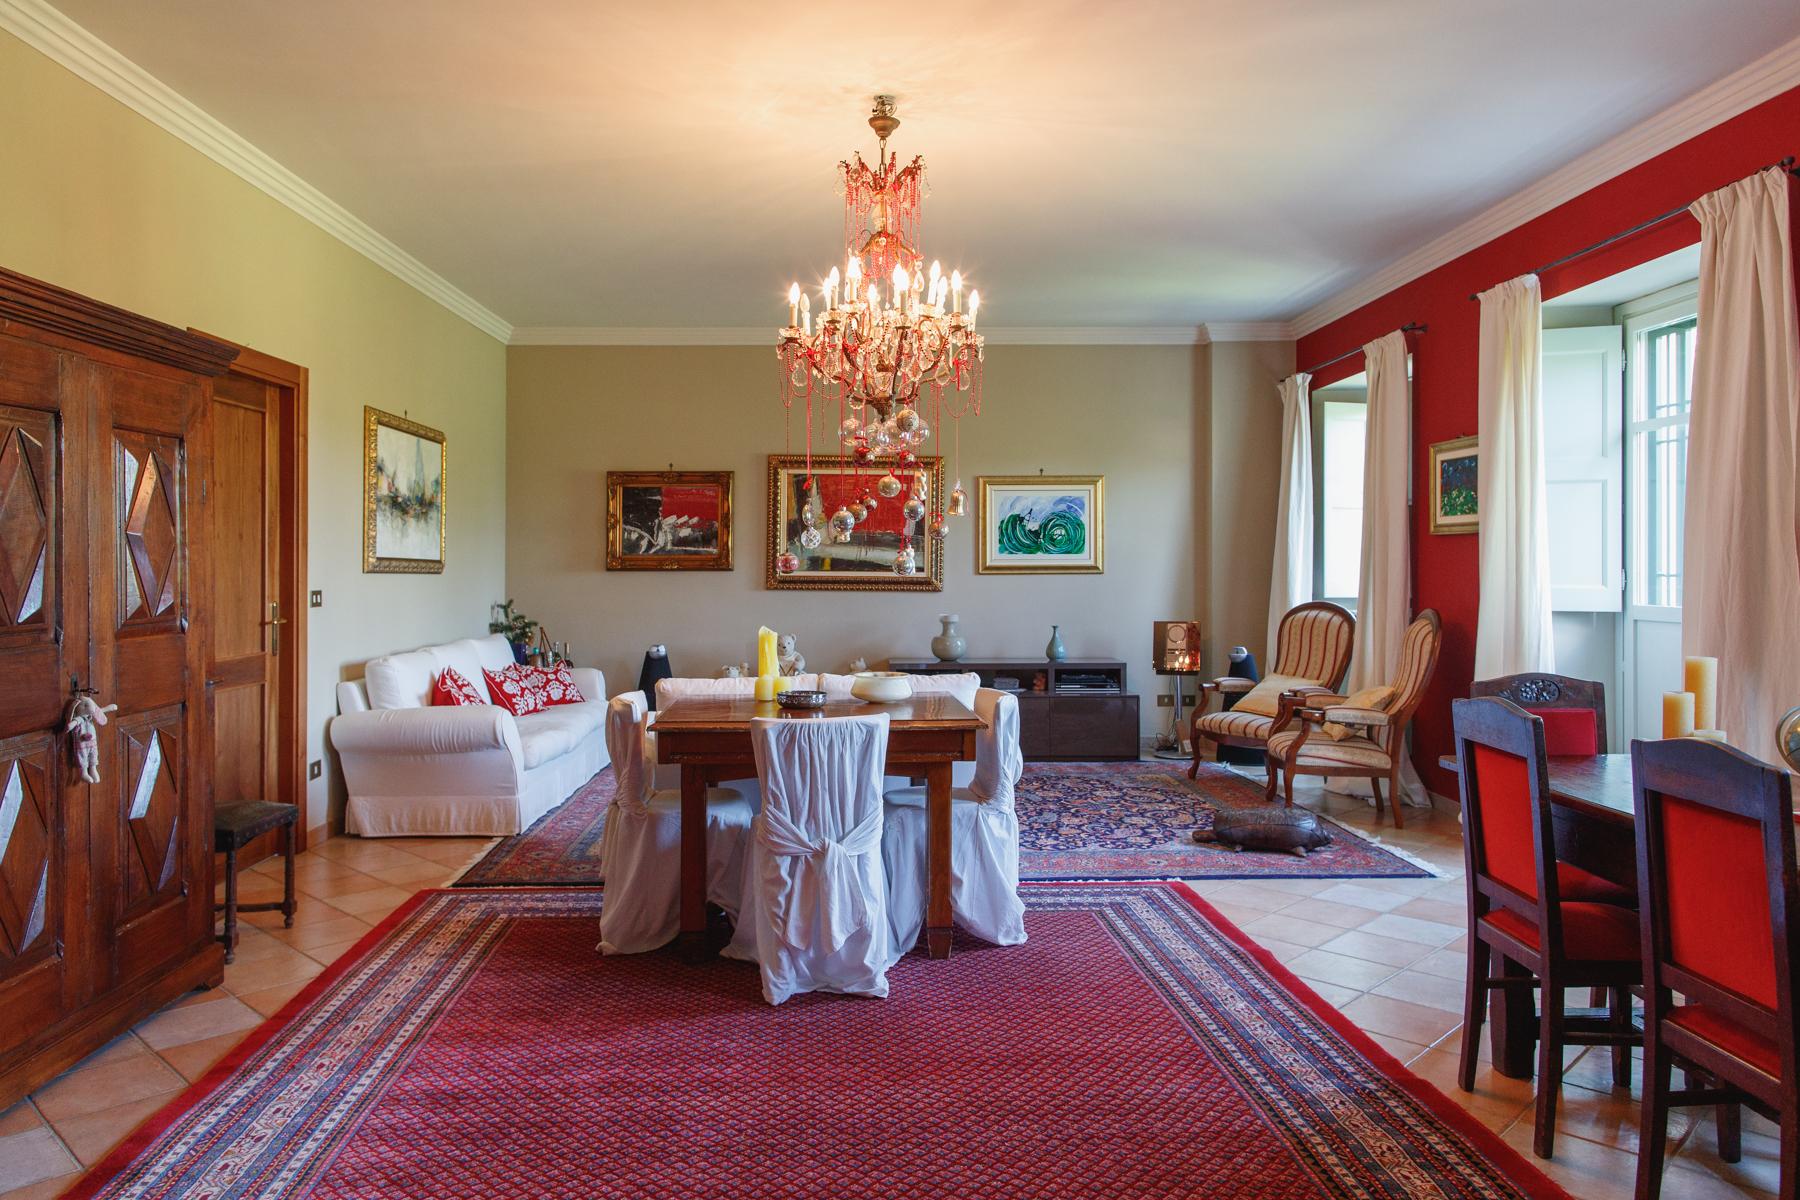 Casa indipendente in Vendita a Moncalieri: 5 locali, 370 mq - Foto 15